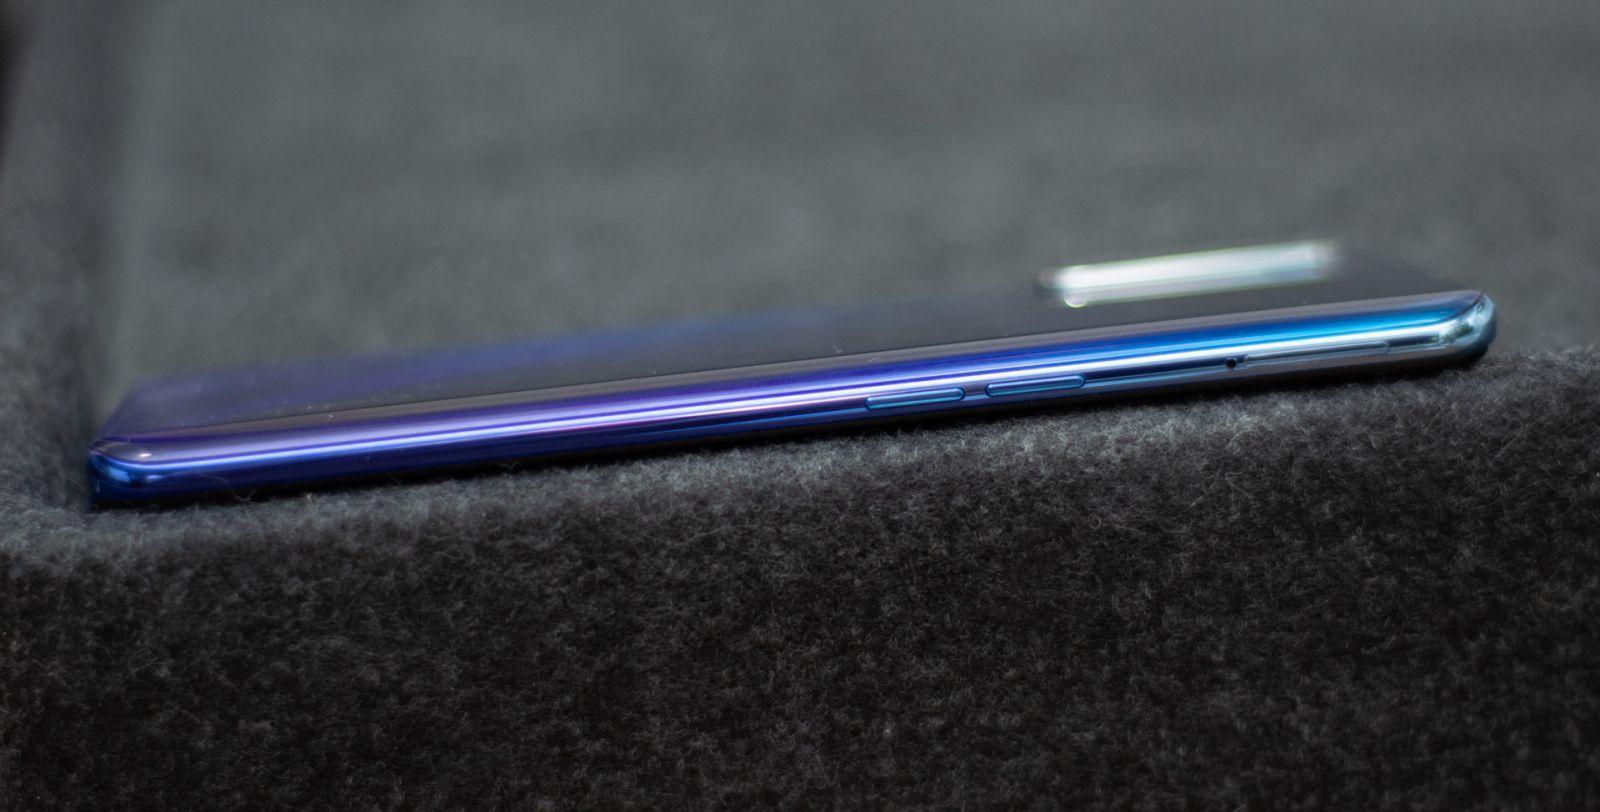 Доступный и красивый. Обзор cмартфона Oppo Reno3 (dsc 8797 edit)